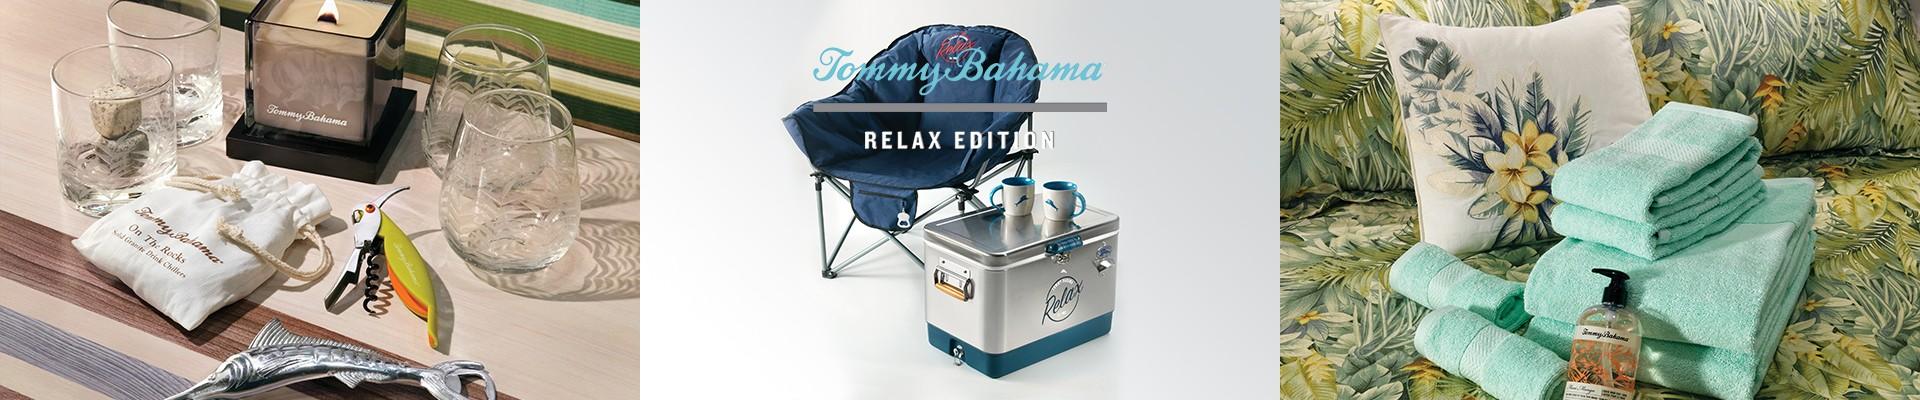 Airstream Tommy Bahama RV accessory kit